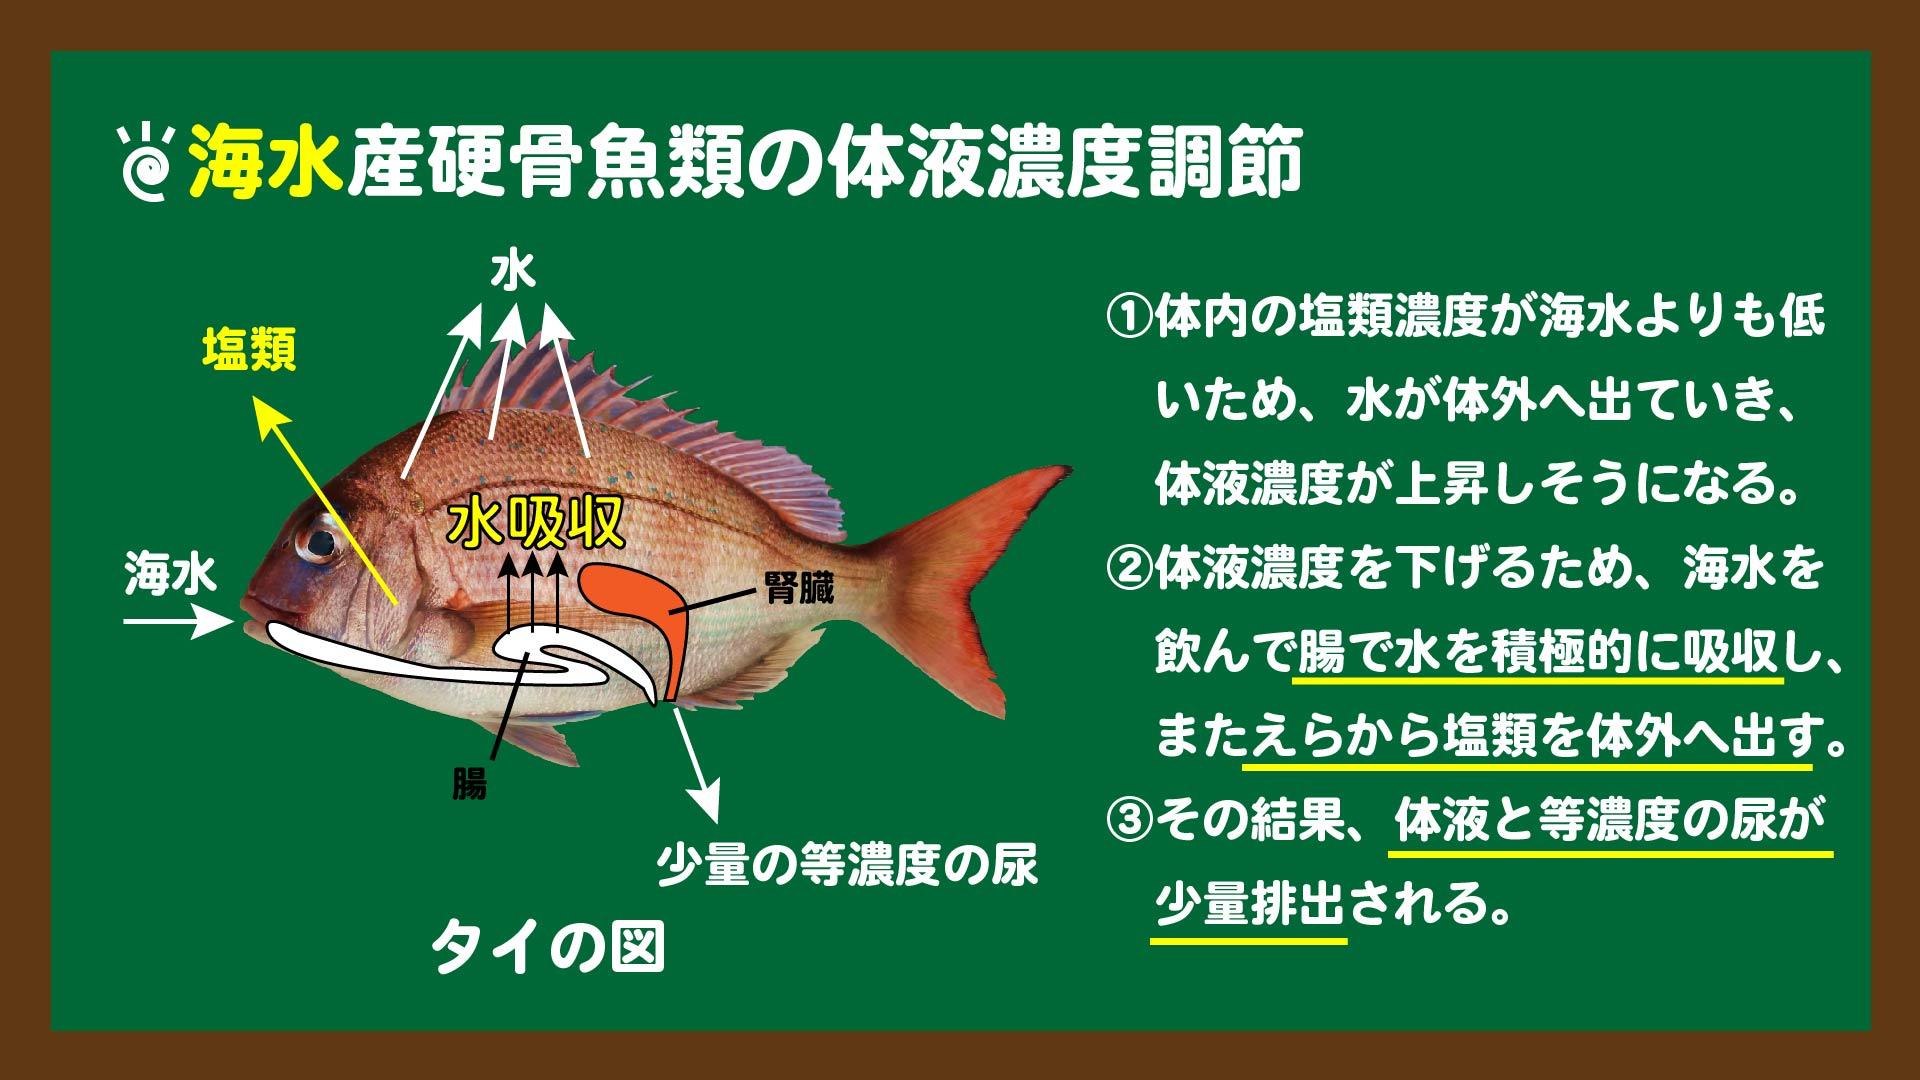 スライド2:海水魚の体液濃度調節のしくみ